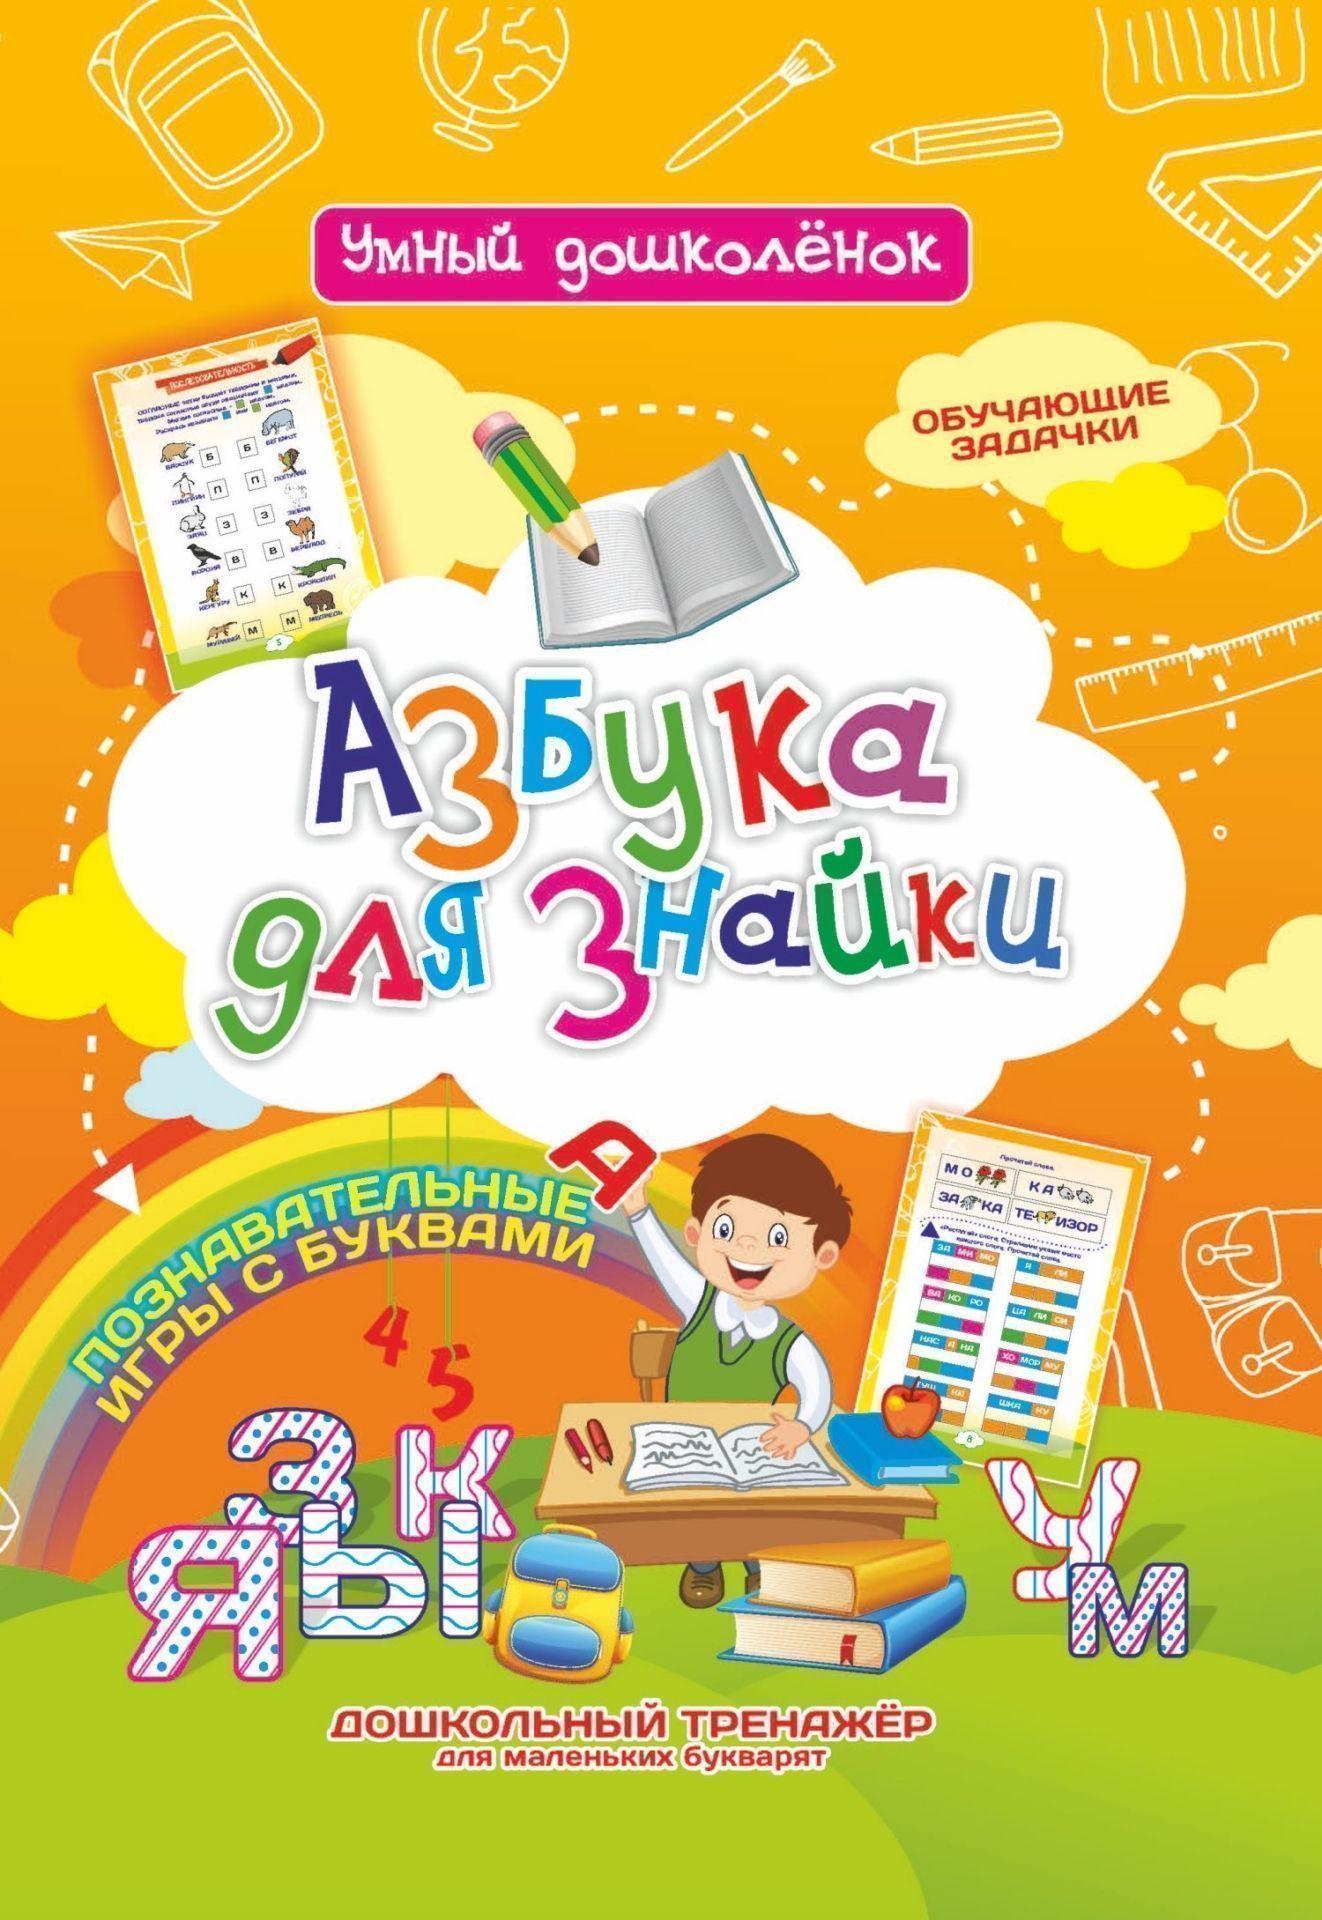 Азбука для знайки: Дошкольный тренажер с обучающими задачками и познавательными играми с буквами для маленьких букварят